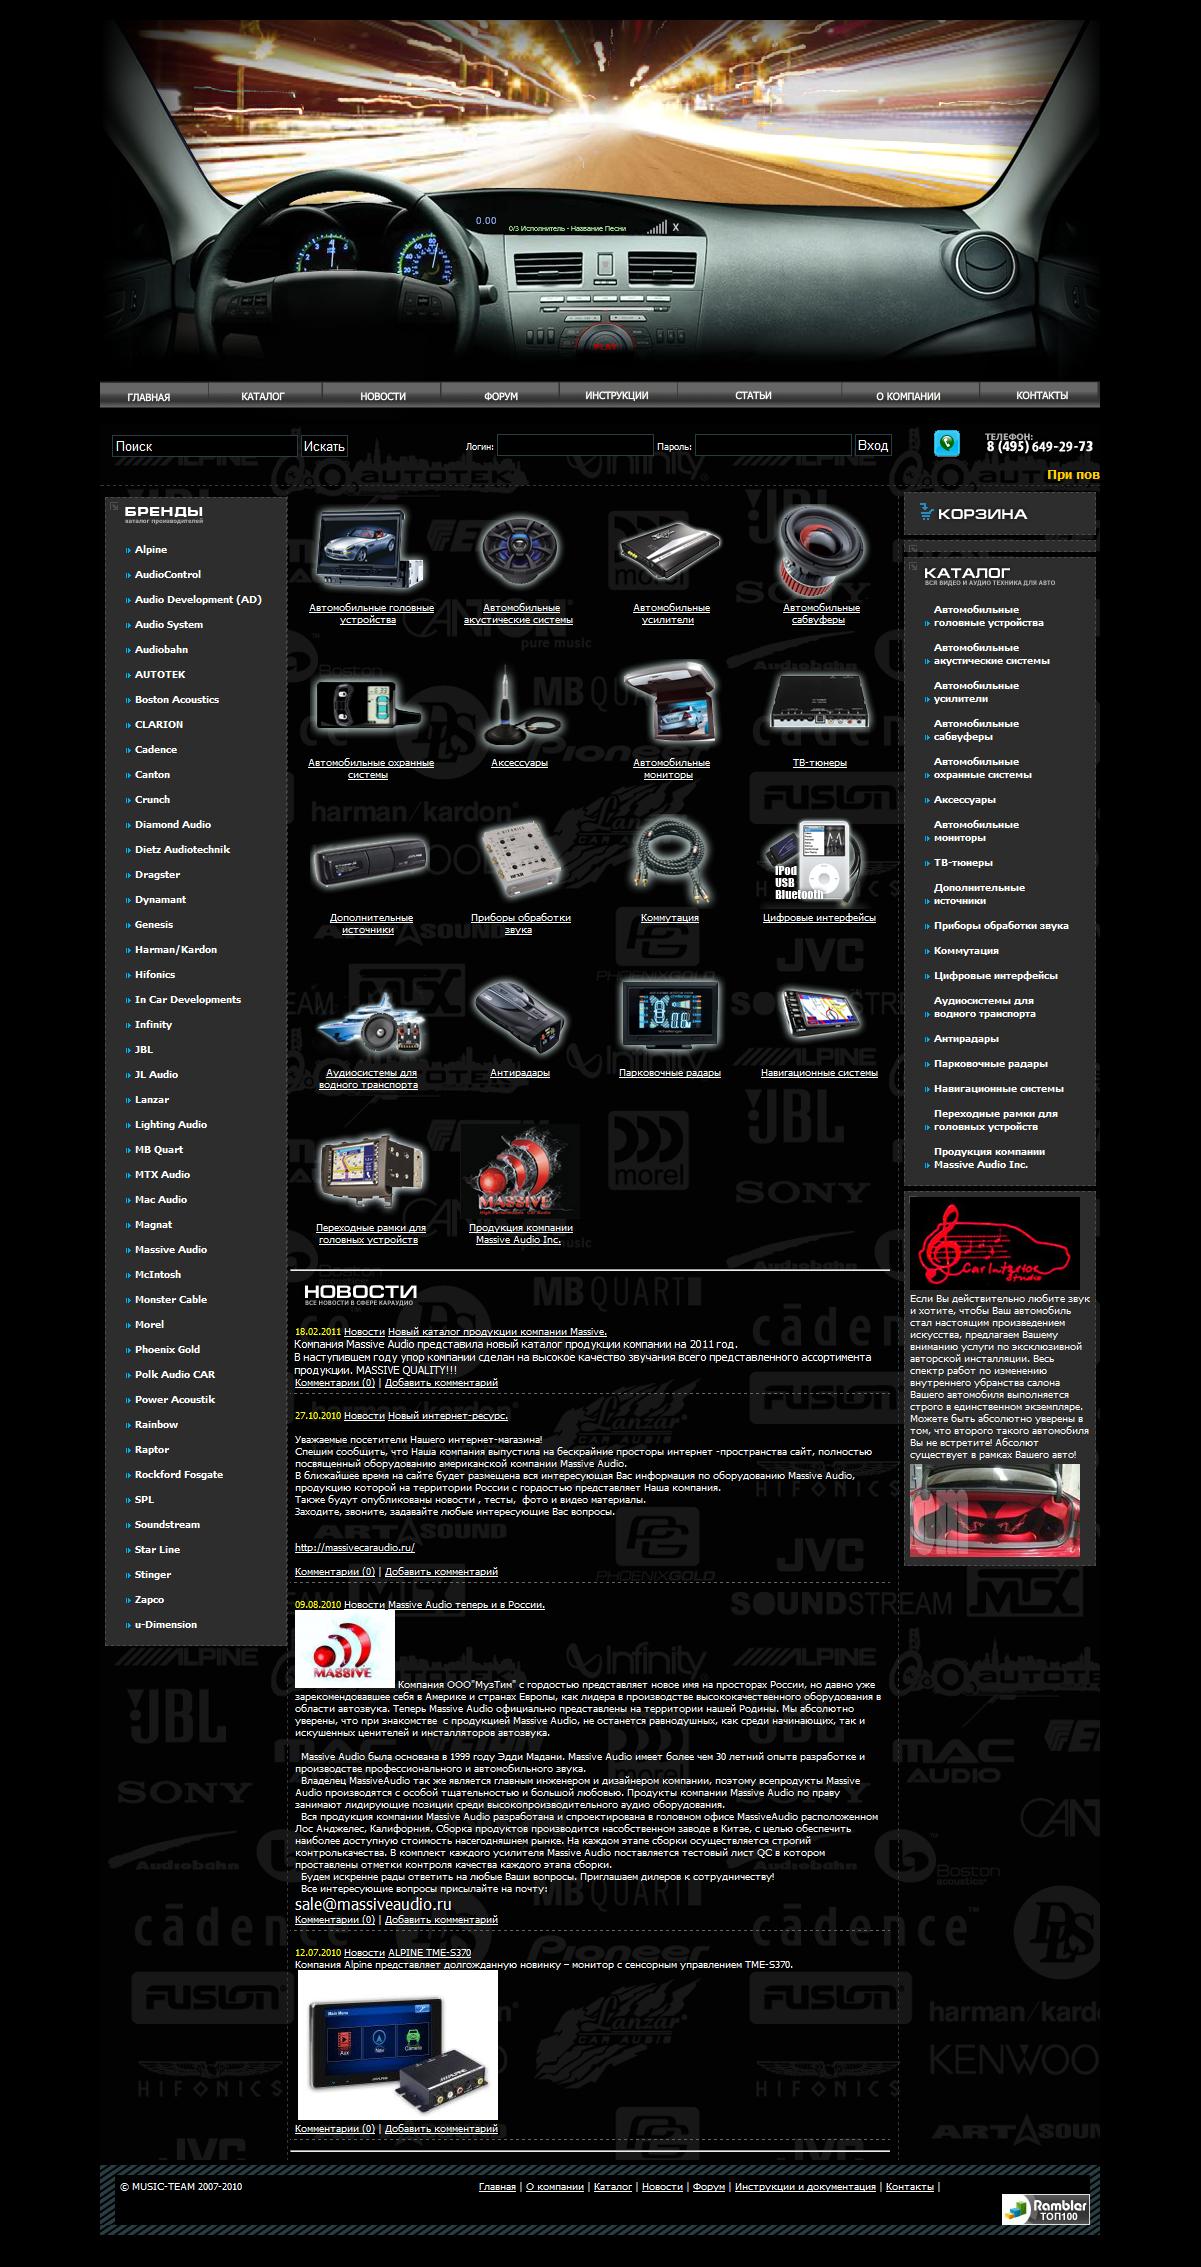 Hybridcaraudio.Ru | UMI.CMS